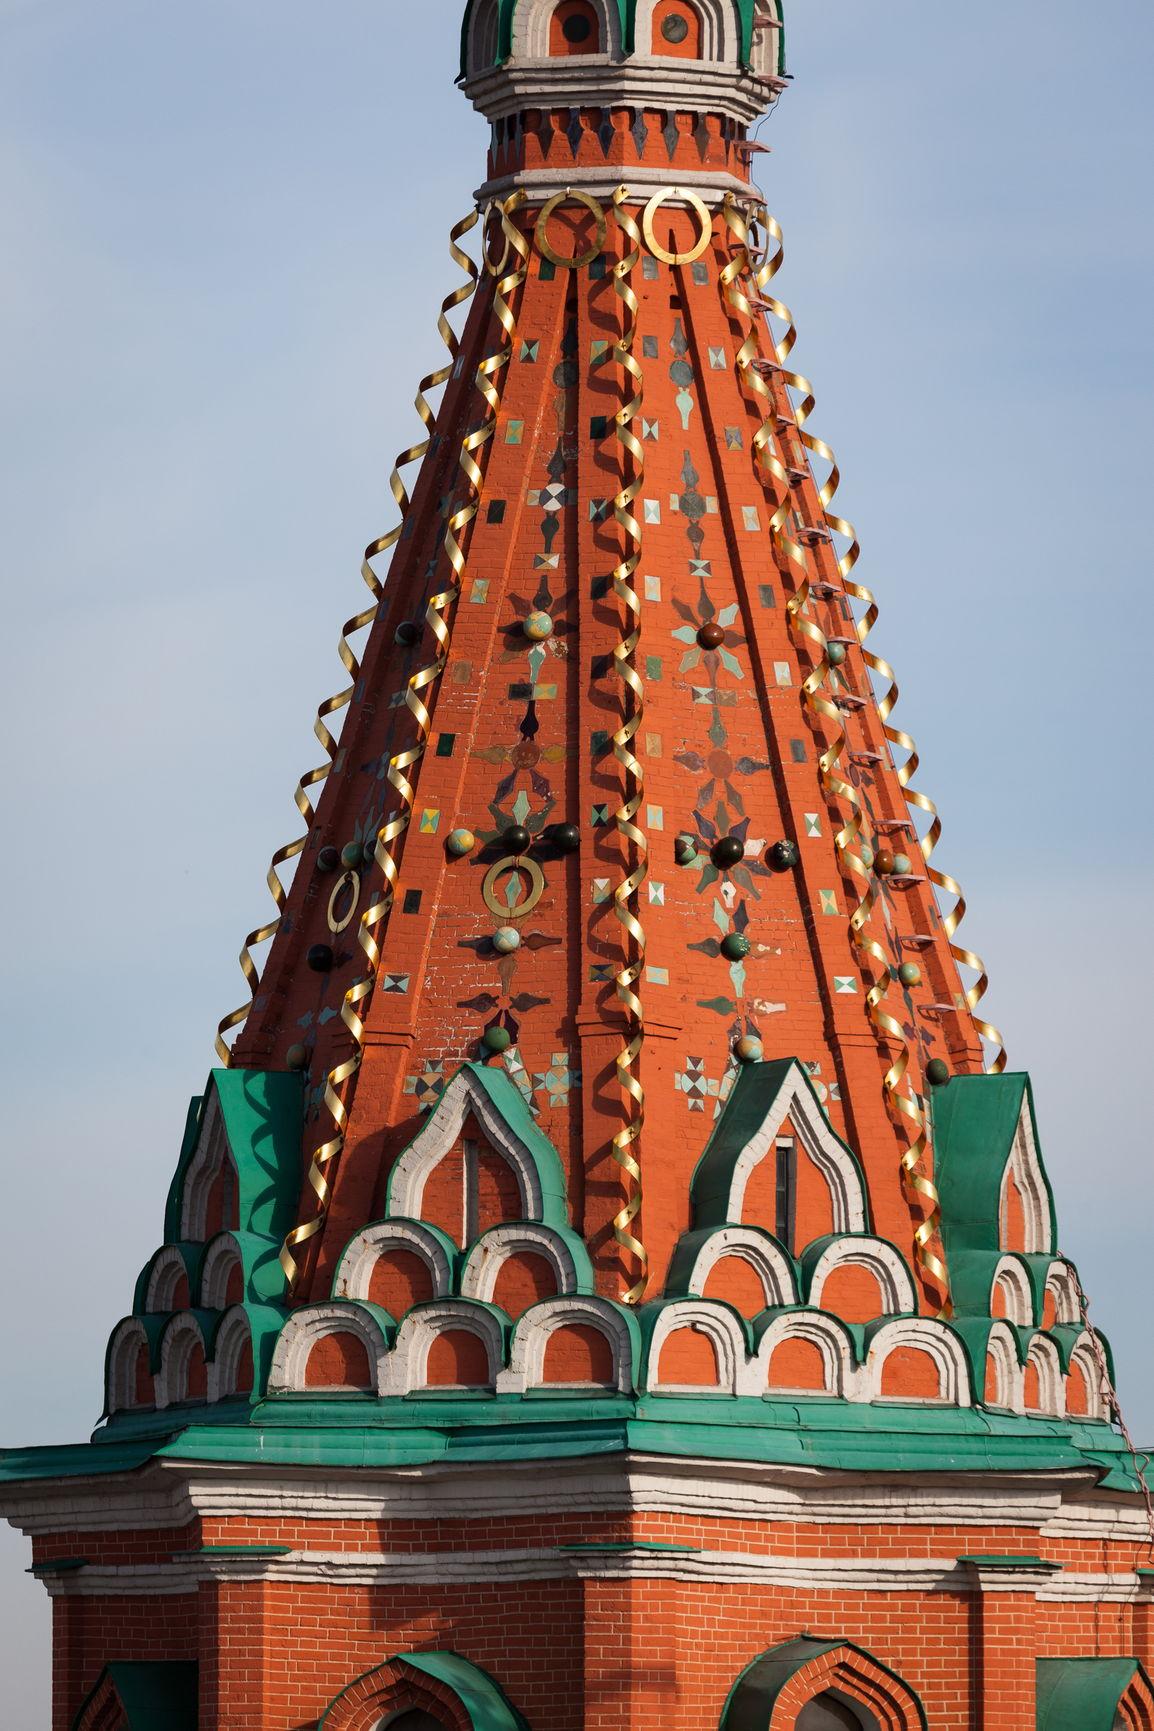 Керамические изразцы на шатре центральной церкви